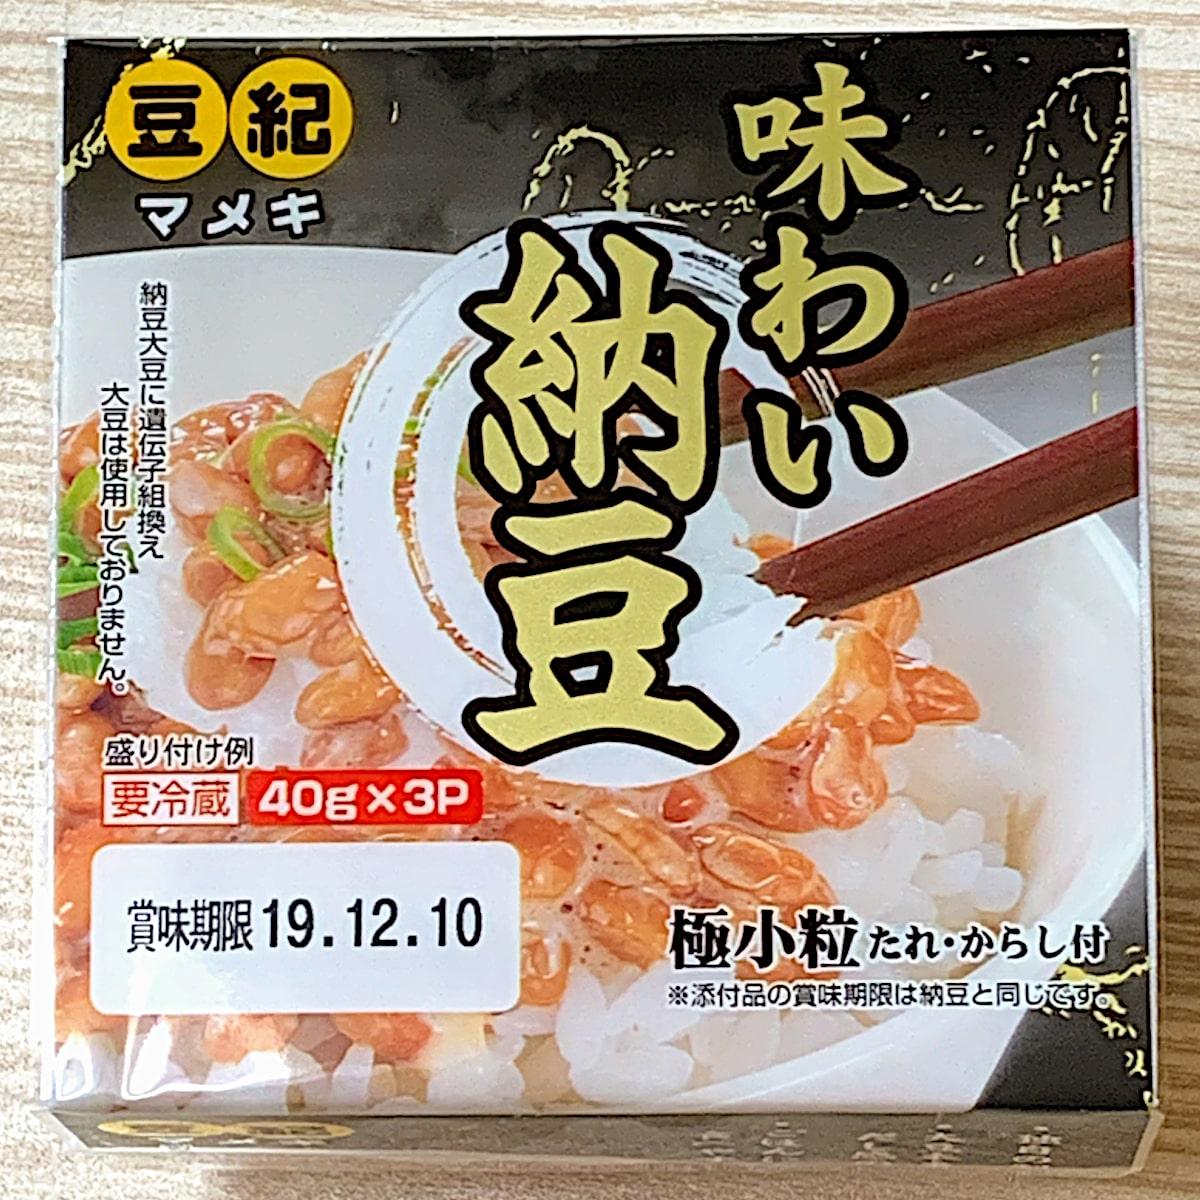 豆紀「味わい納豆」